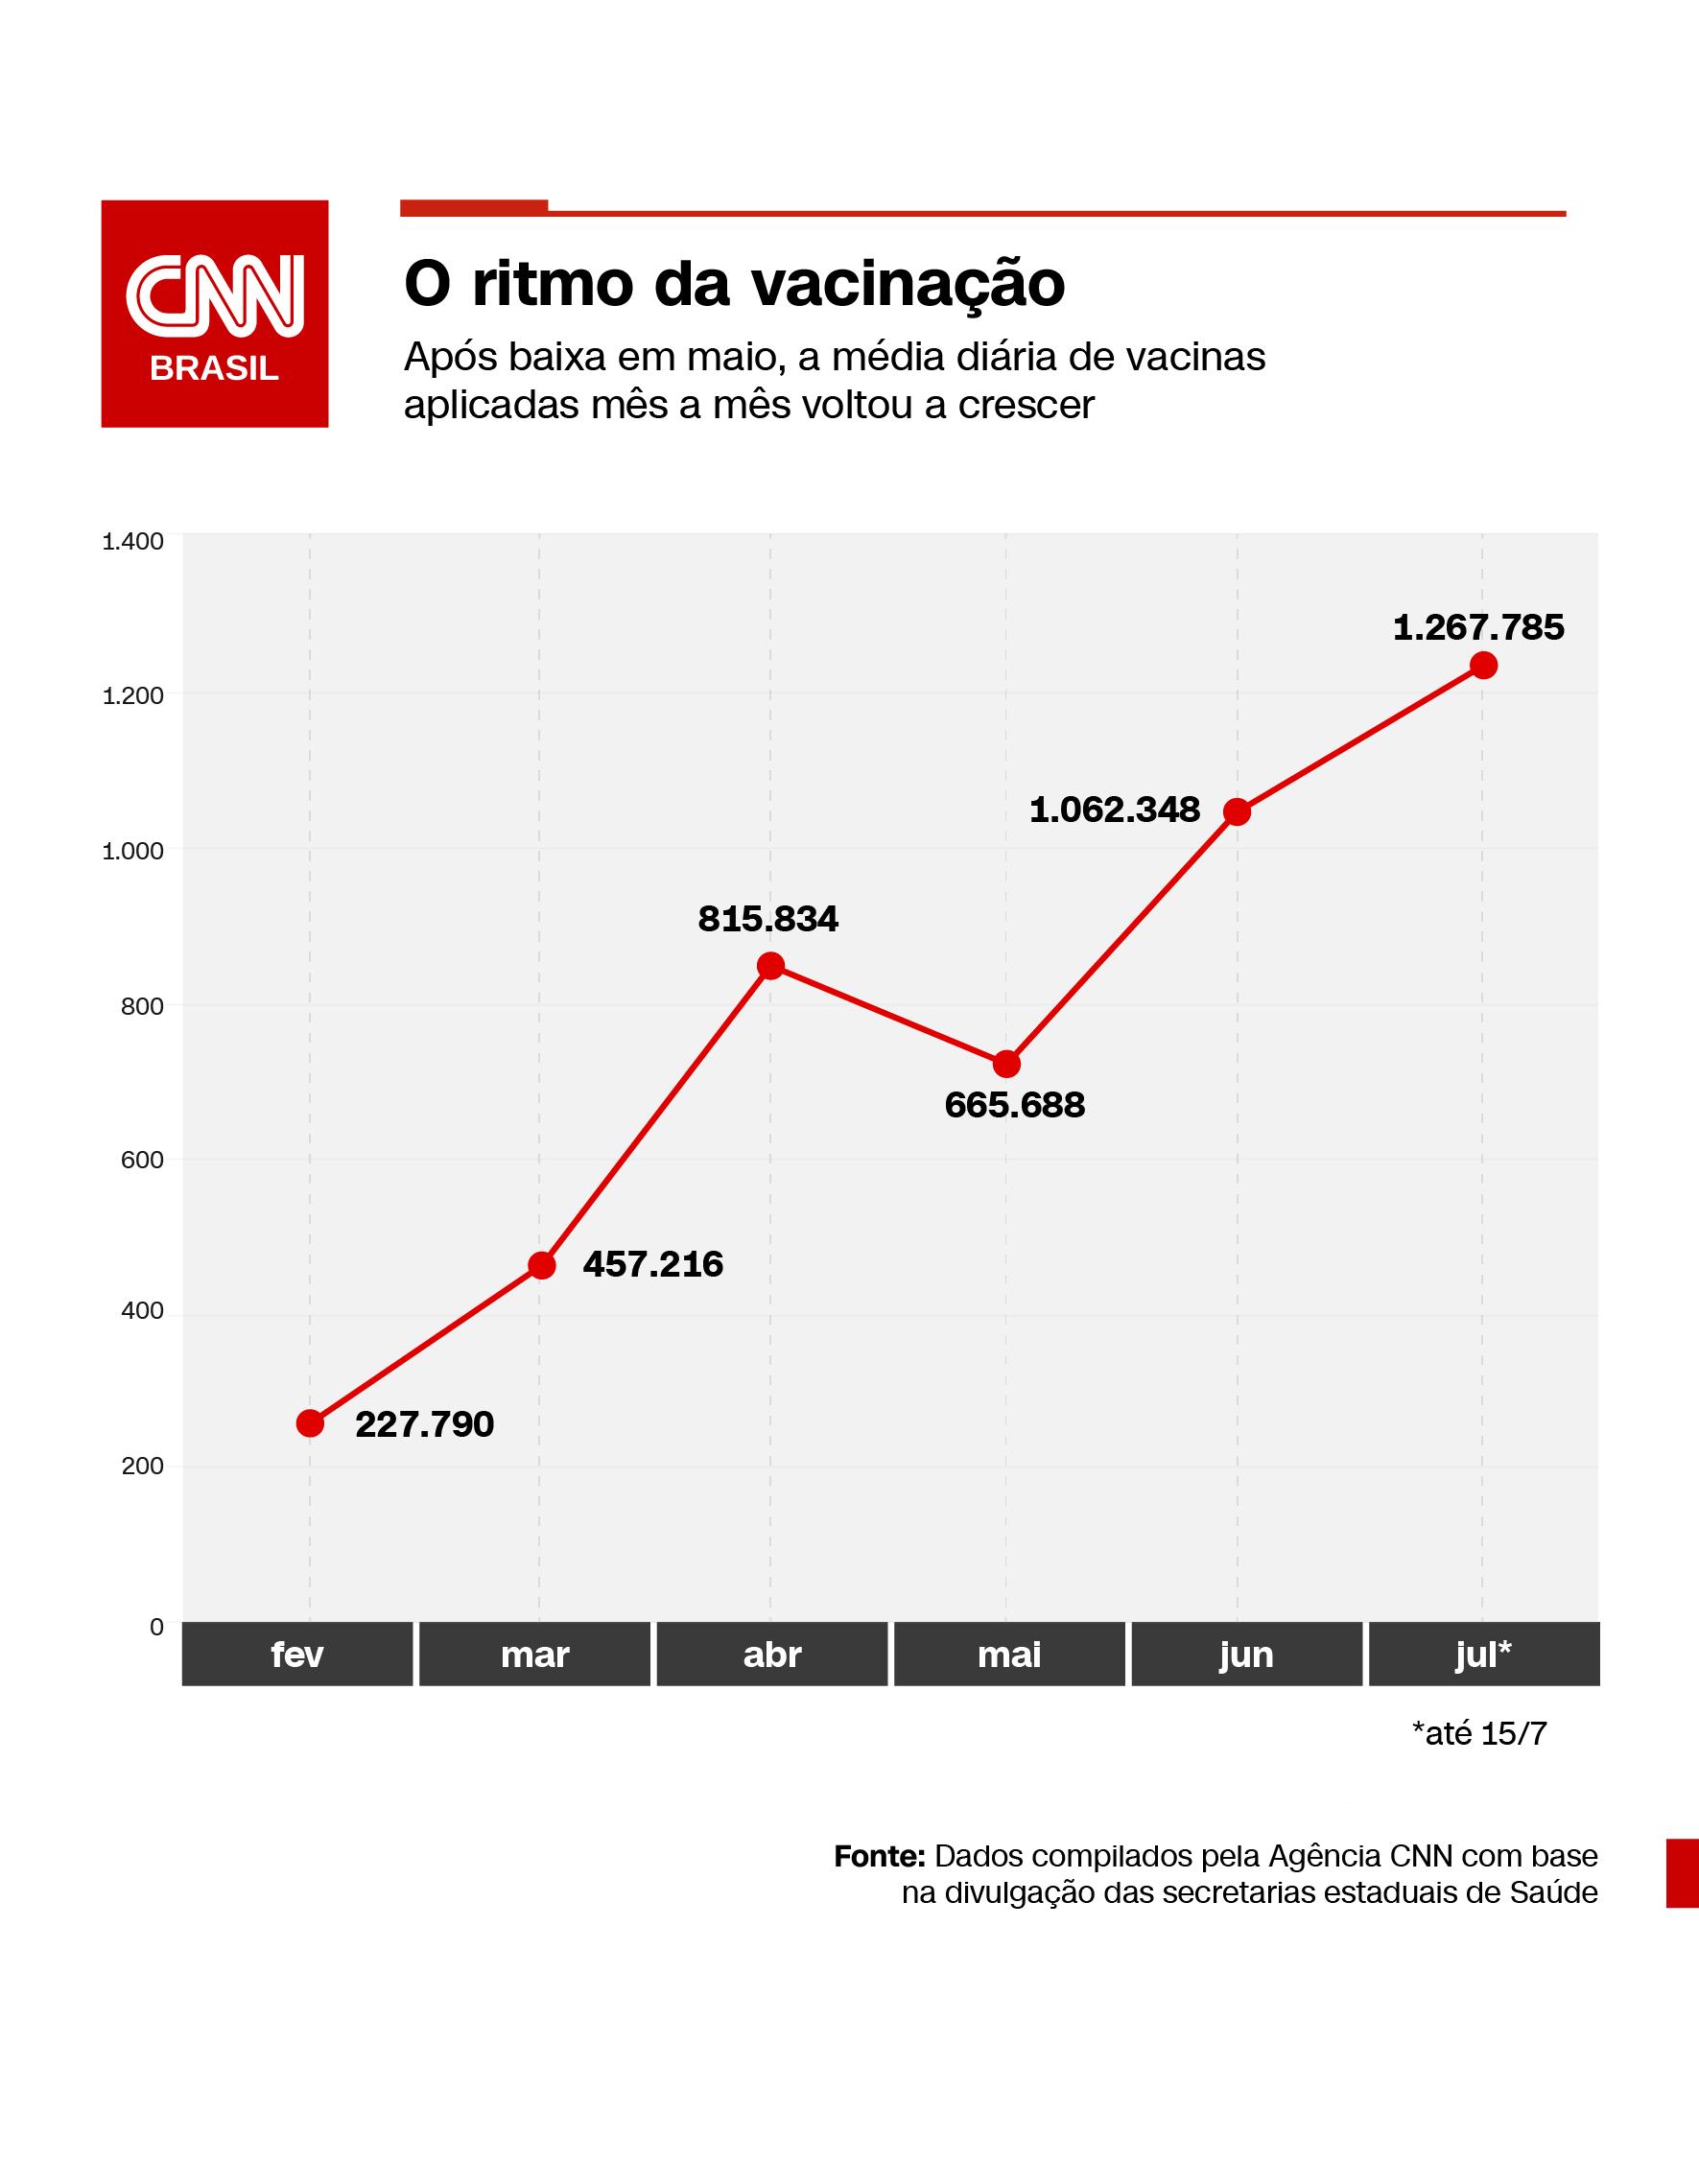 Média diária de vacinação contra a Covid-19 mês a mês